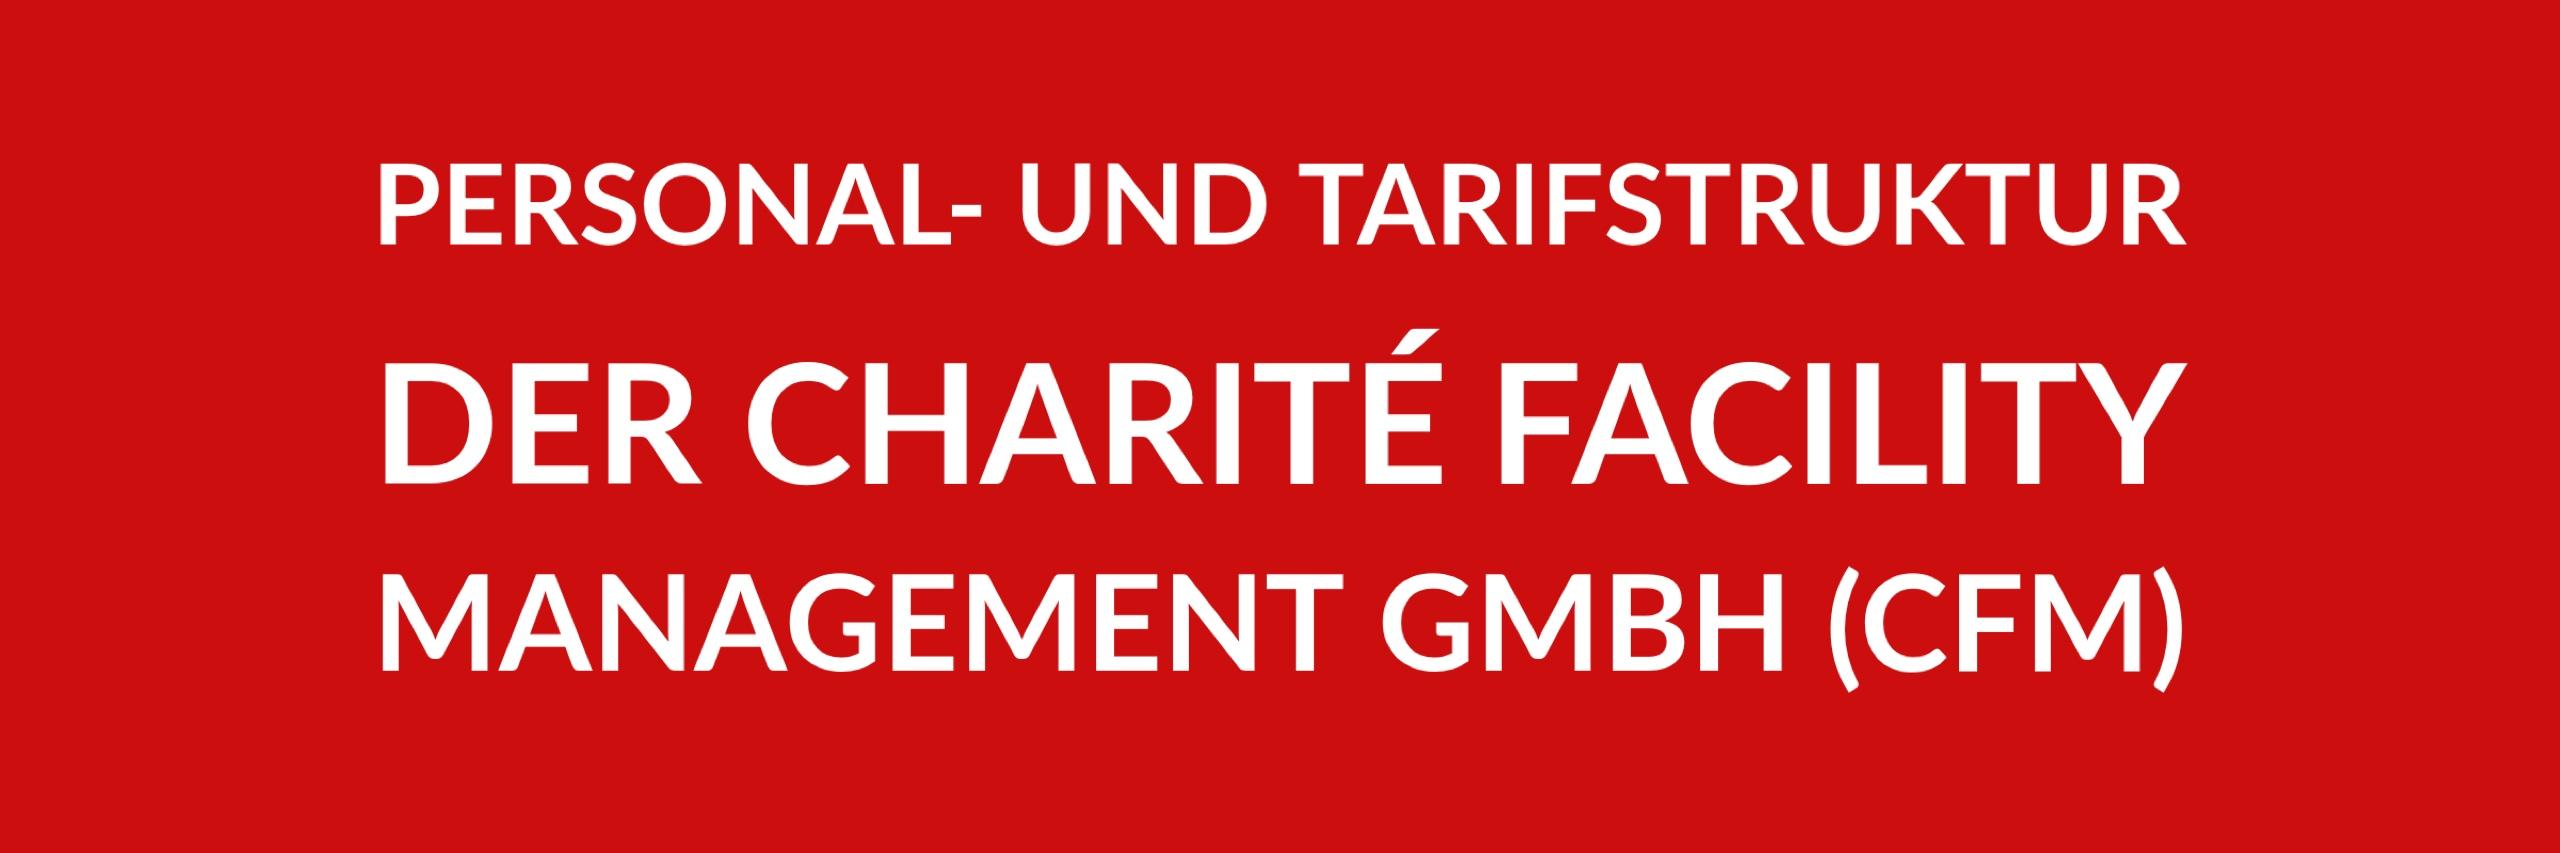 Anfrage 'Personal- und Tarifstruktur der Charité Facility Management GmbH (CFM)' (PDF)